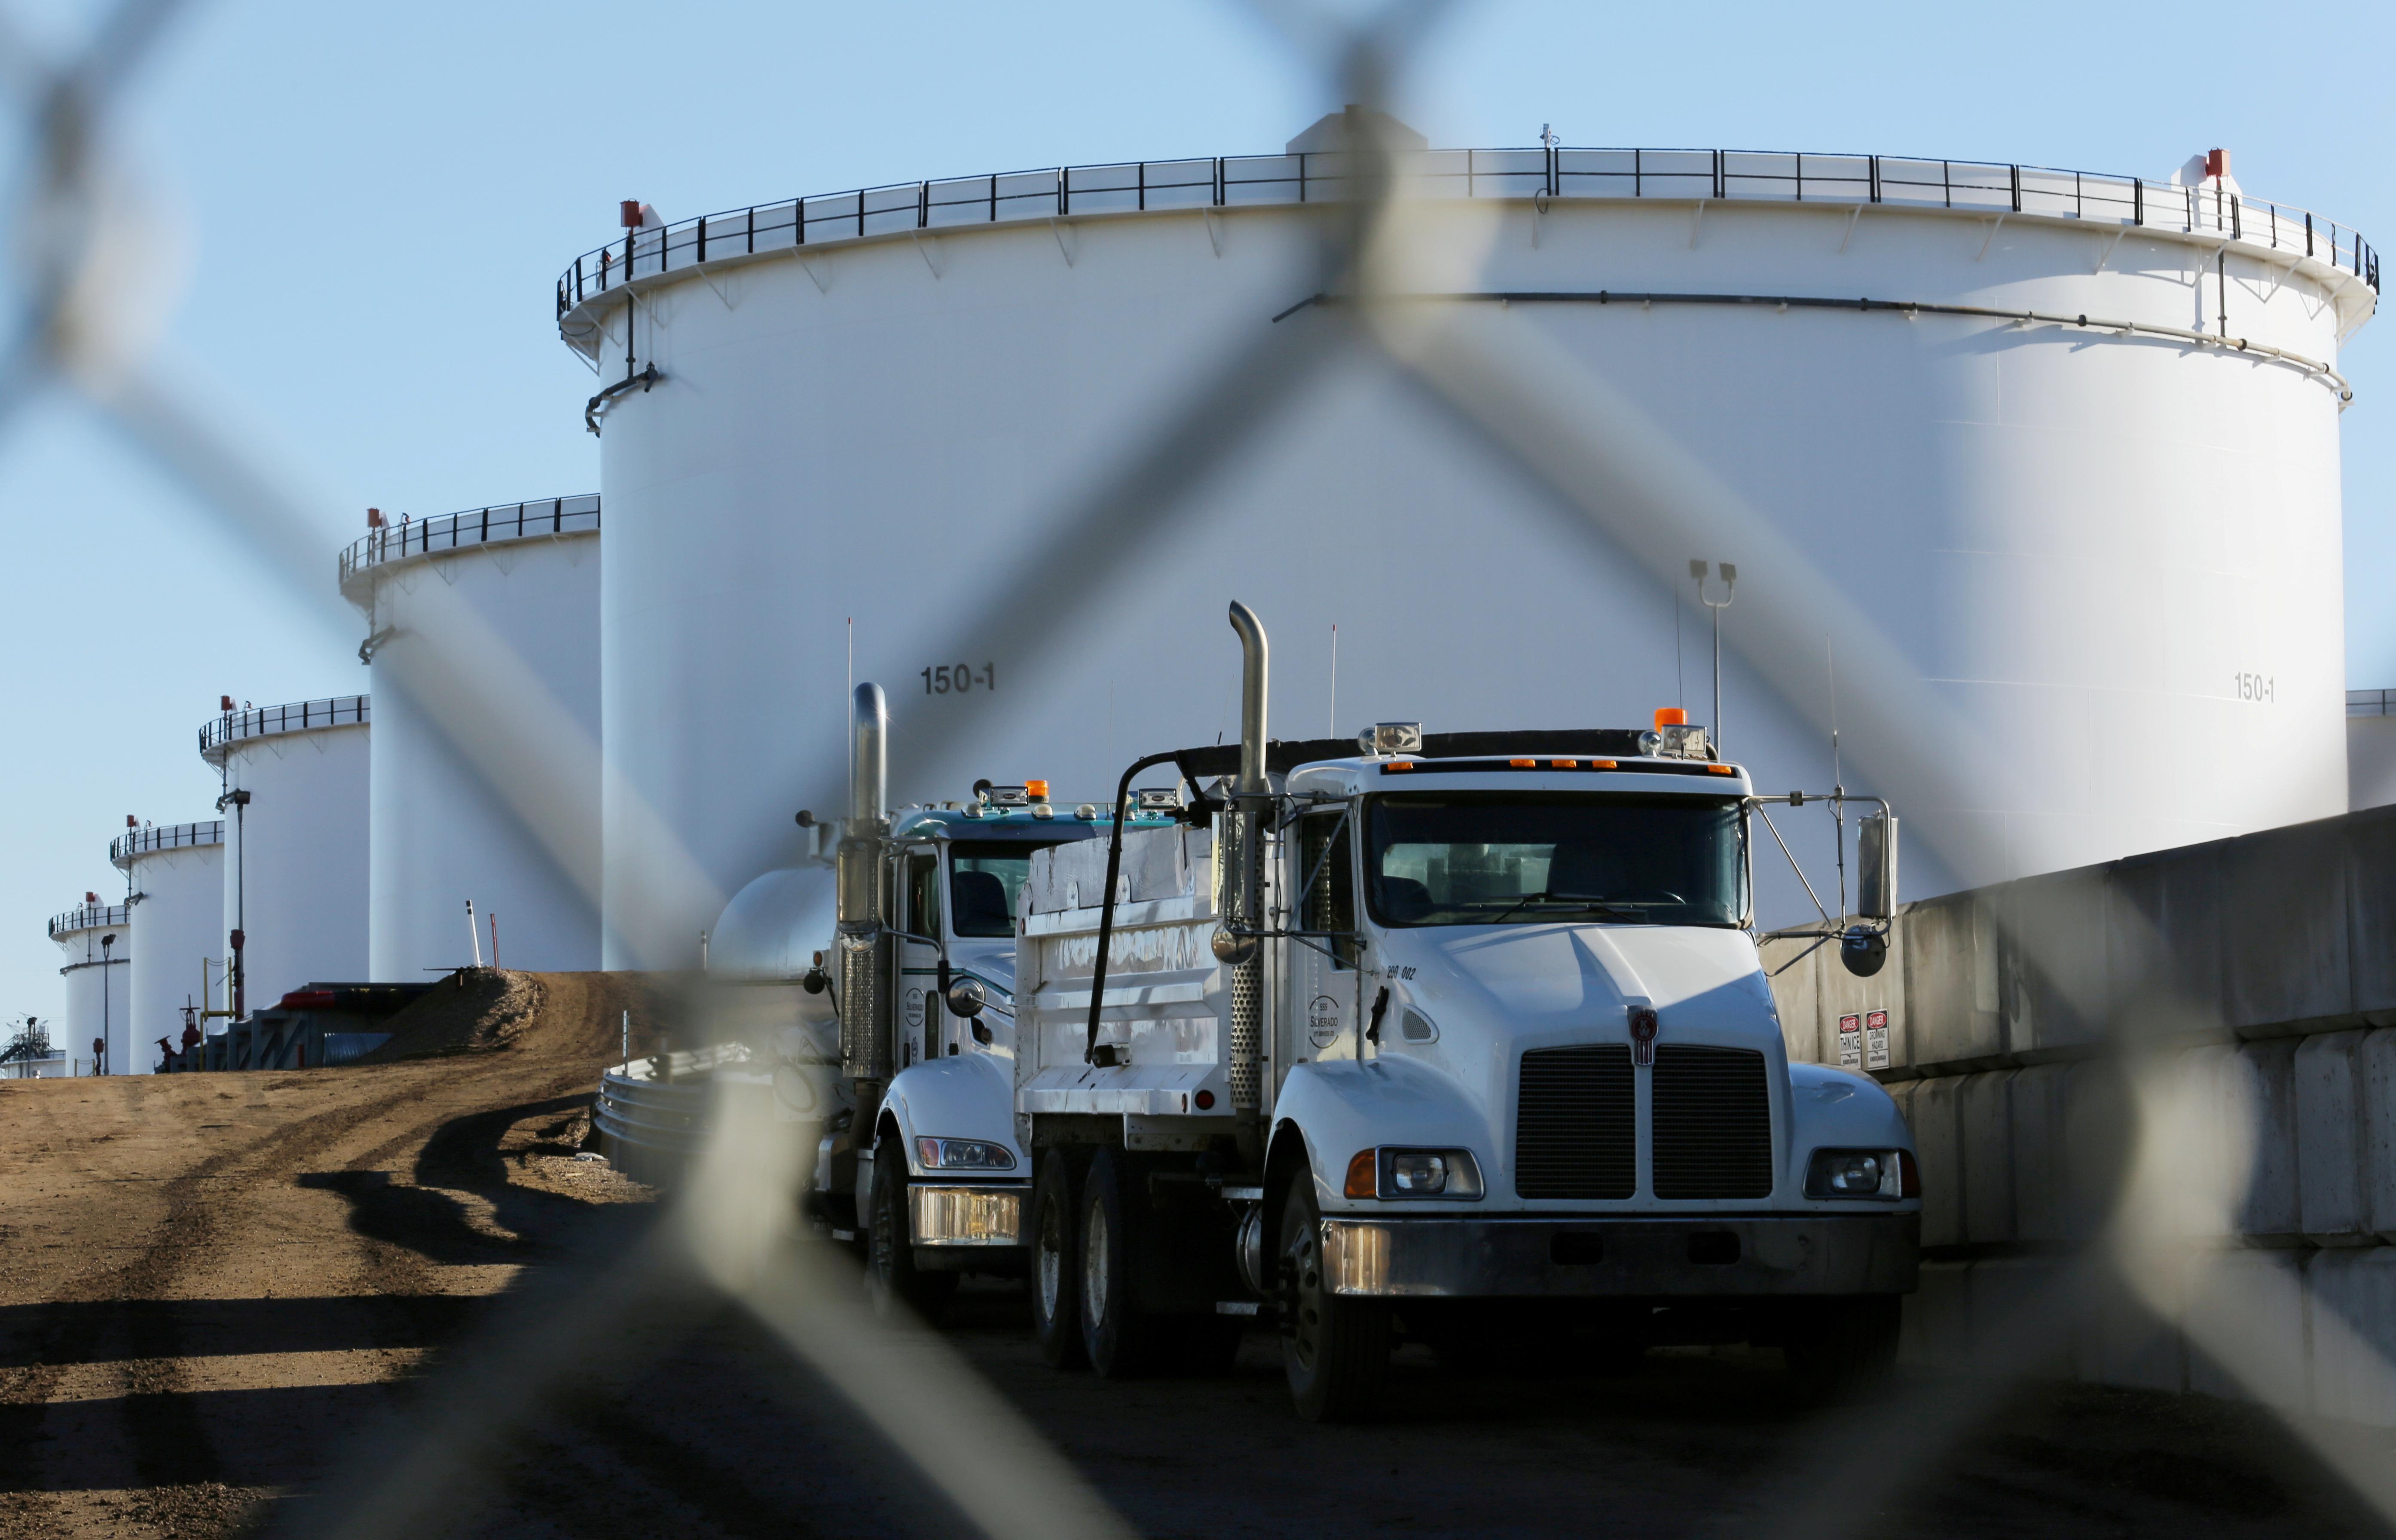 Más terminales de almacenamiento y ductos bajarán precios de combustibles: Onexpo